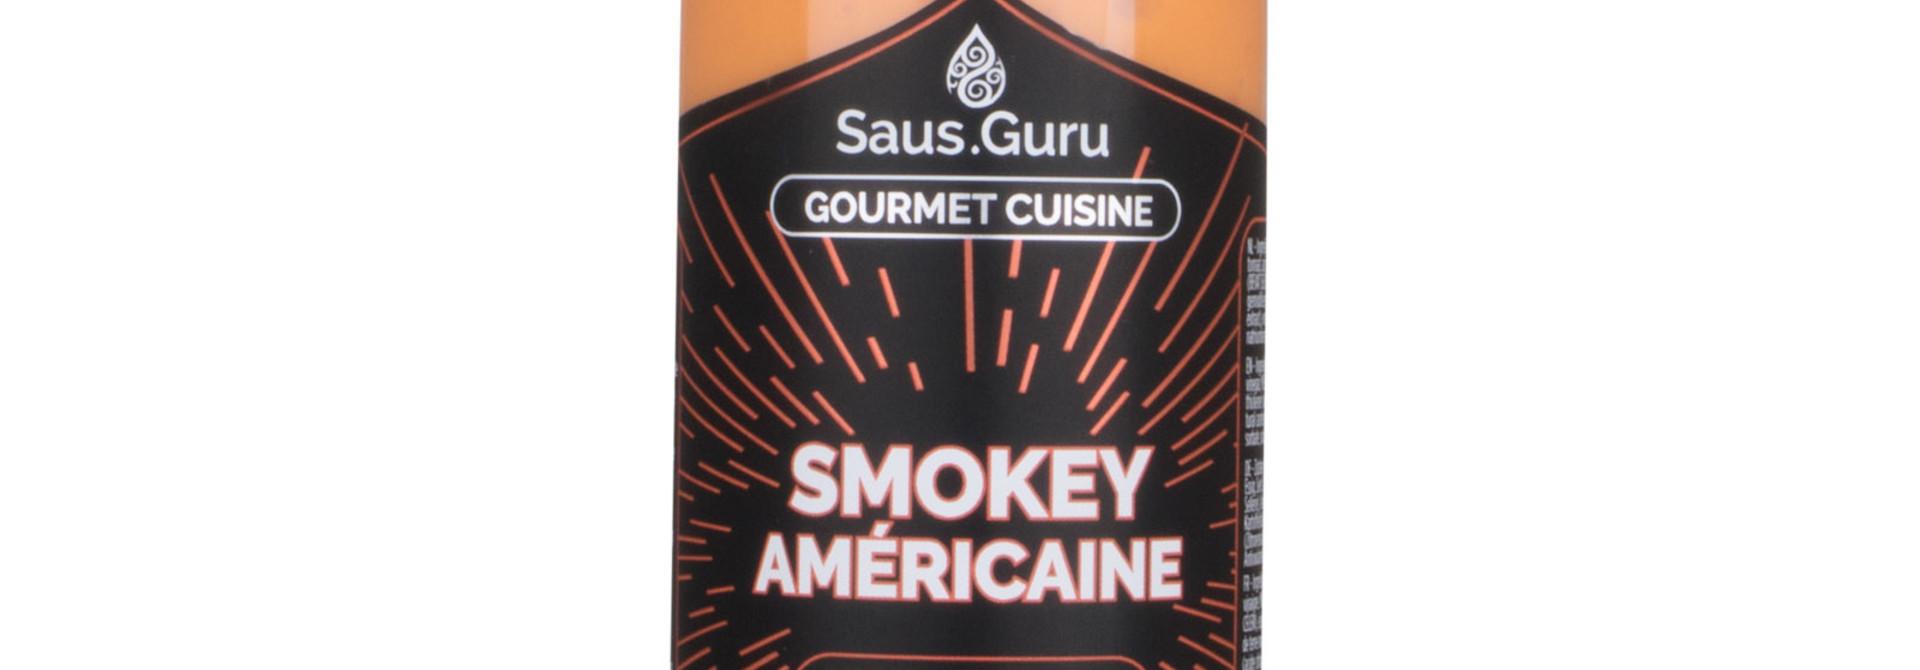 Saus.Guru's Smokey Américaine